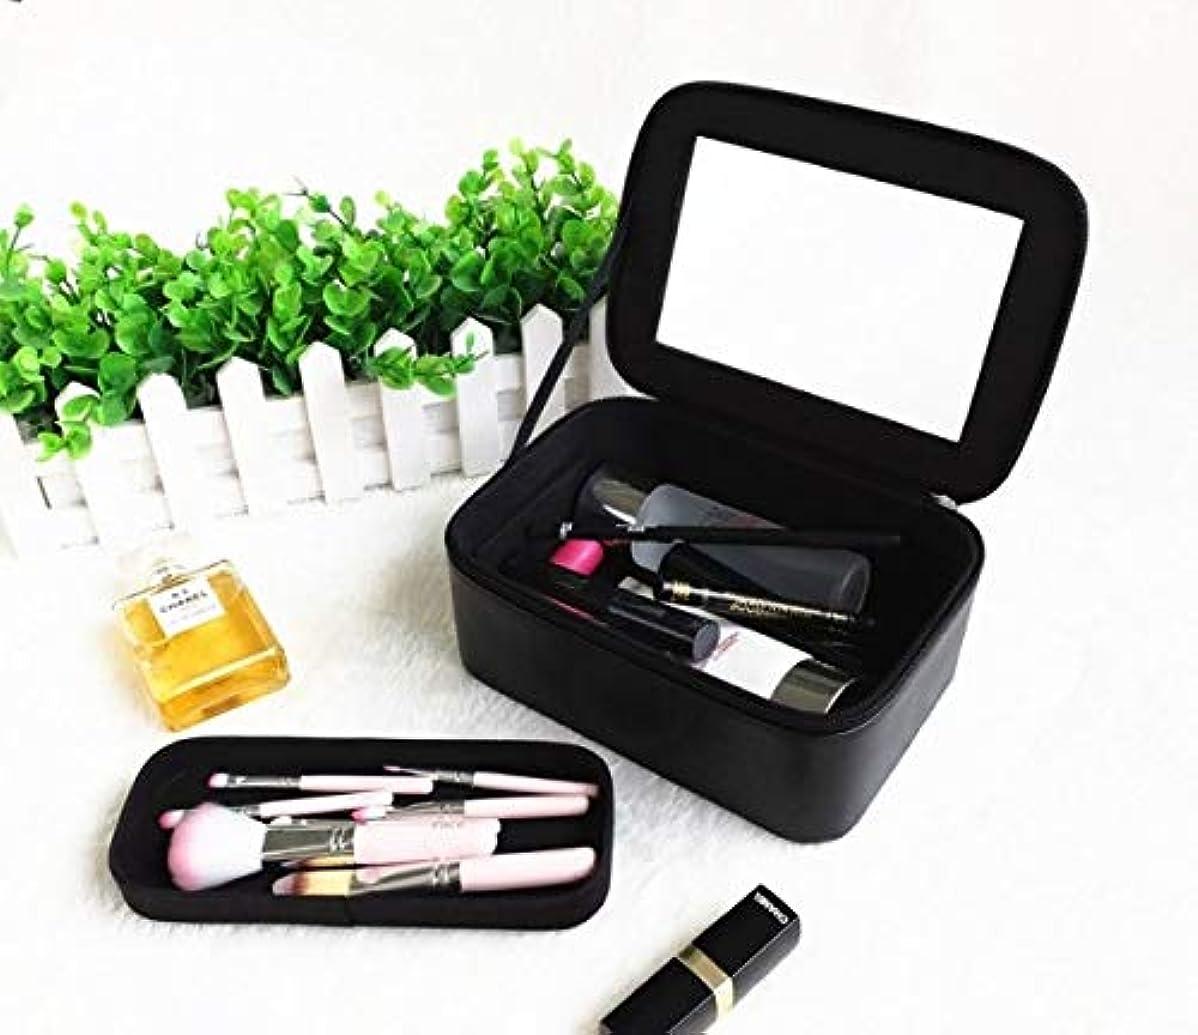 気体のマイルドグループ化粧箱、大容量防水ミラーポータブル化粧品ケース、ポータブルトラベル化粧品バッグ収納袋、美容ネイルジュエリー収納ボックス (Color : ブラック)